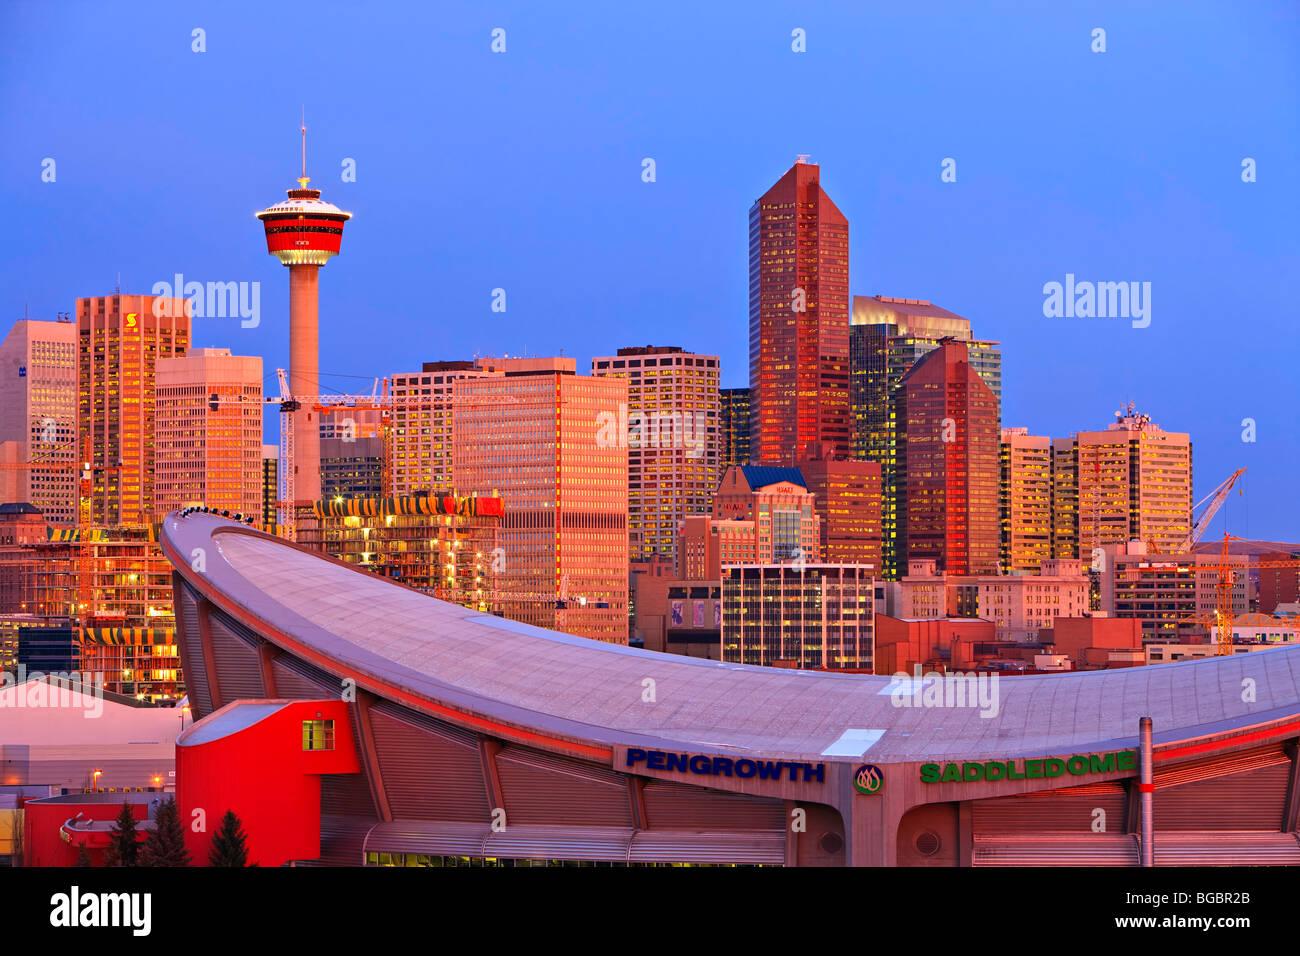 Il Saddledome con edifici ad alta e la Torre di Calgary in background di sunrise, città di Calgary, Alberta, Immagini Stock